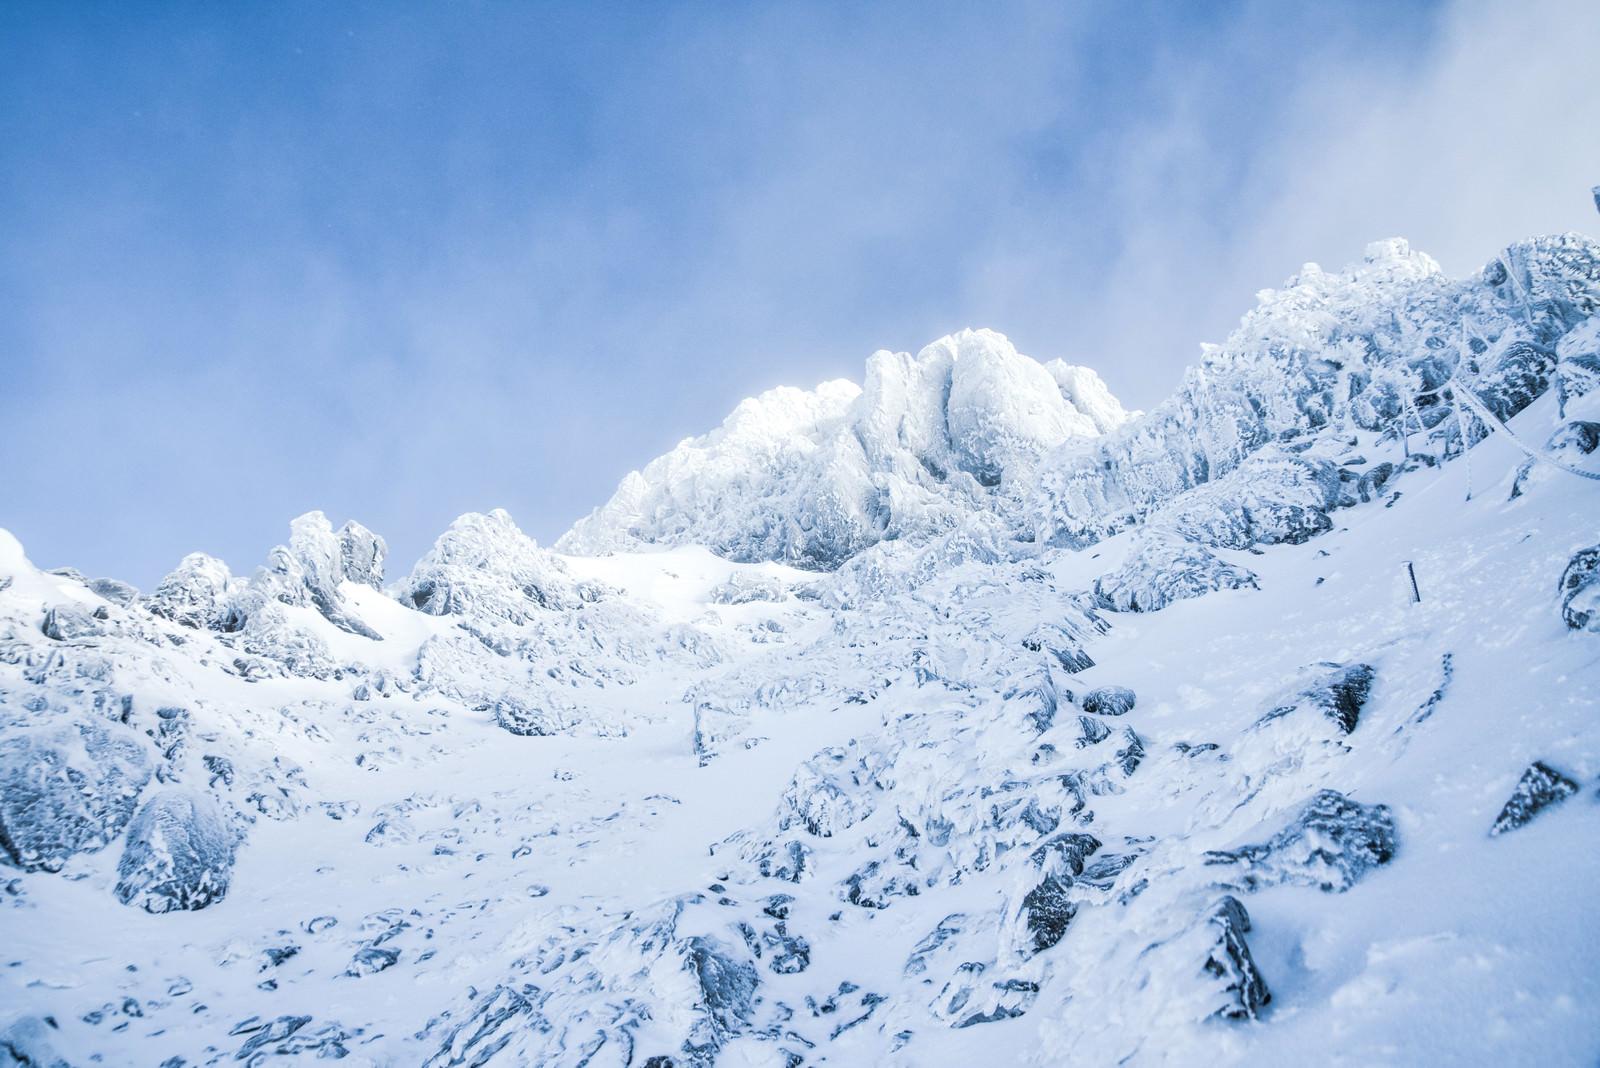 「文三郎尾根から見上げた赤岳山頂(八ヶ岳連峰)」の写真